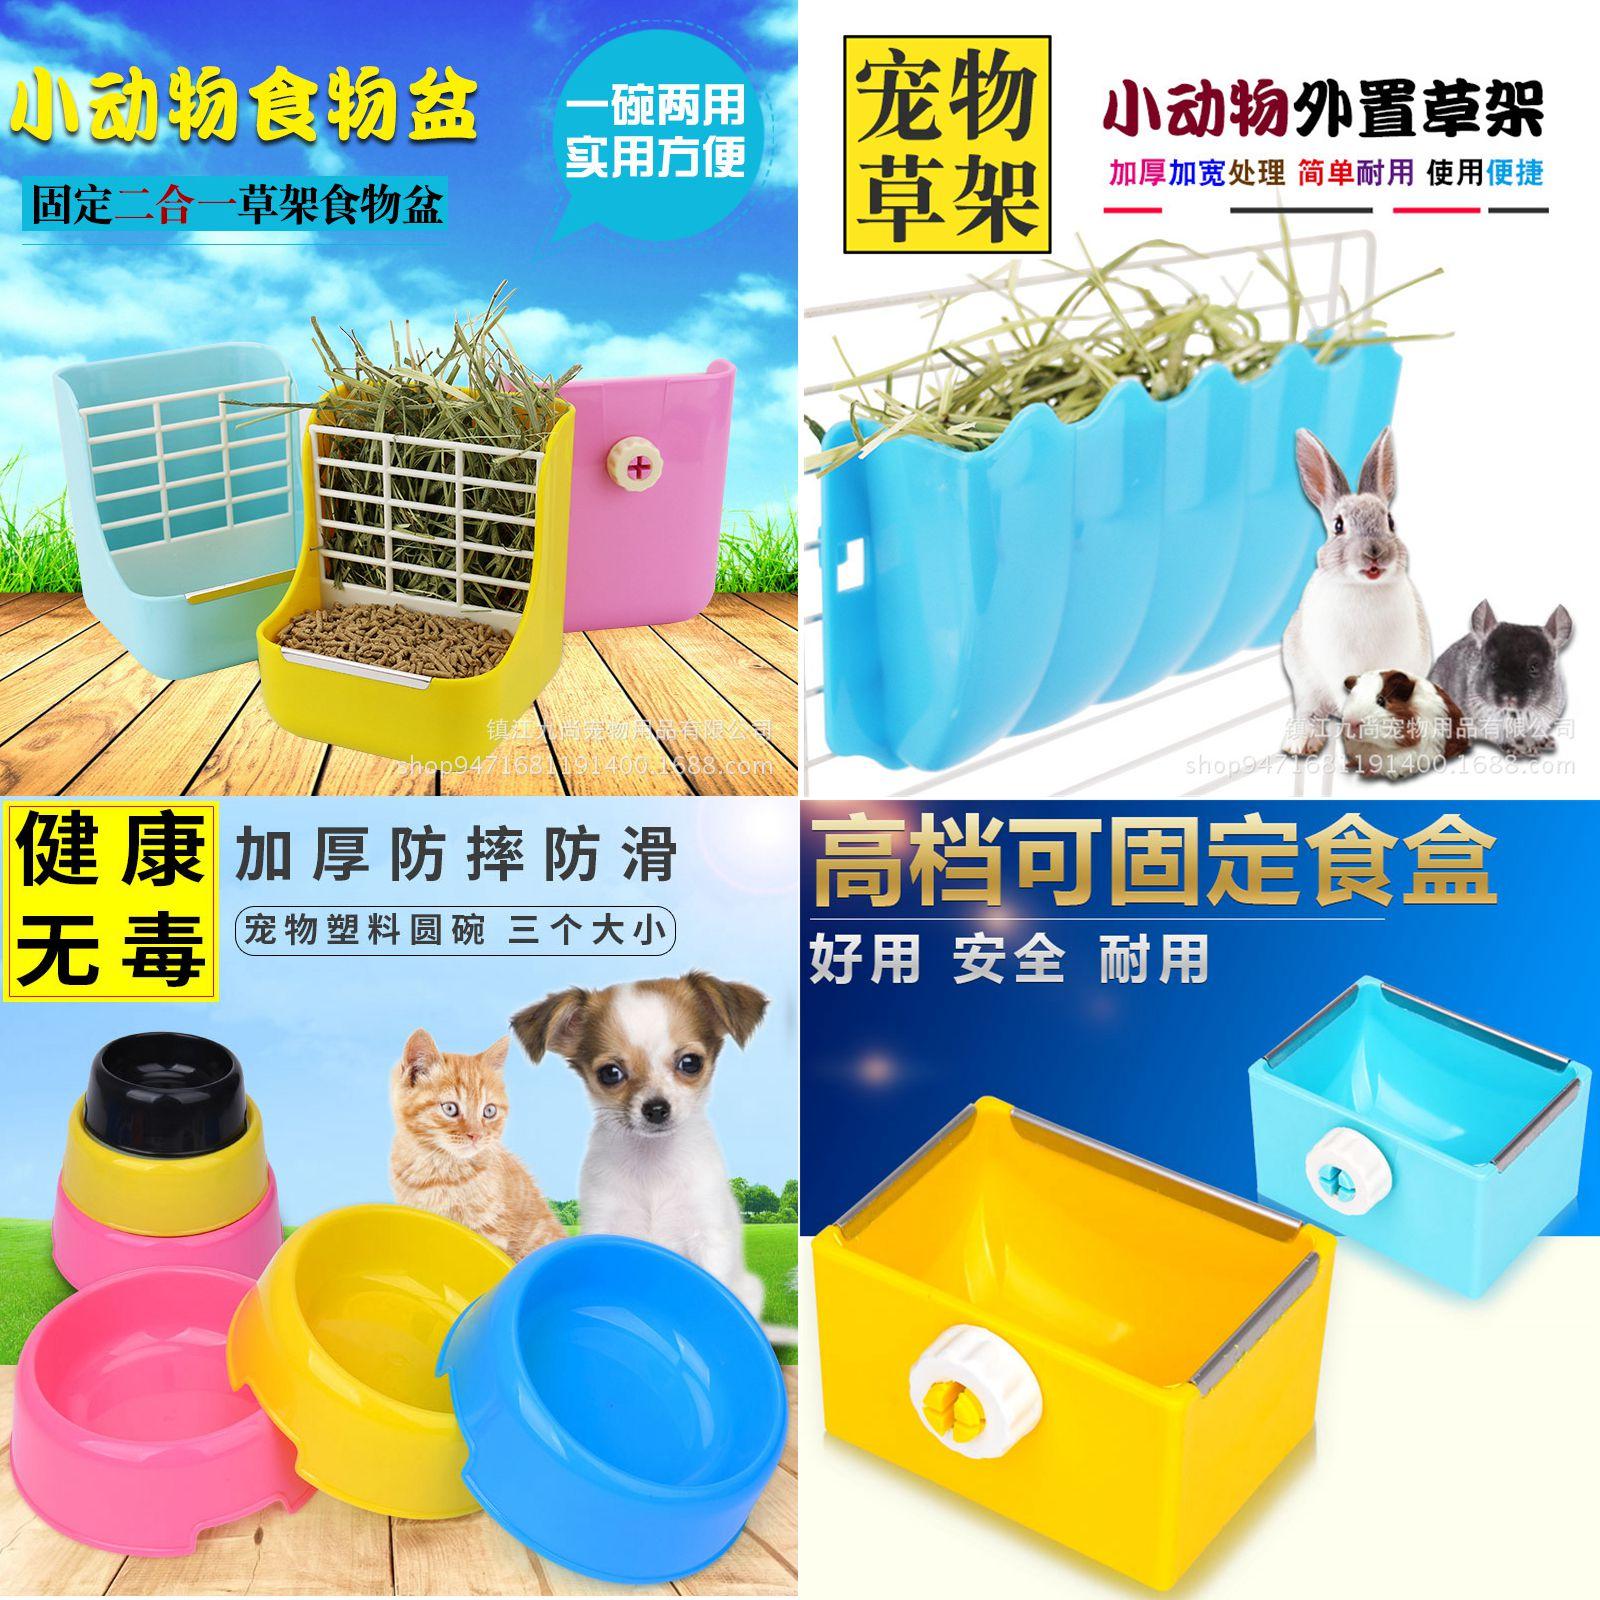 兔子食盆食盒食槽用品食具碗荷兰猪